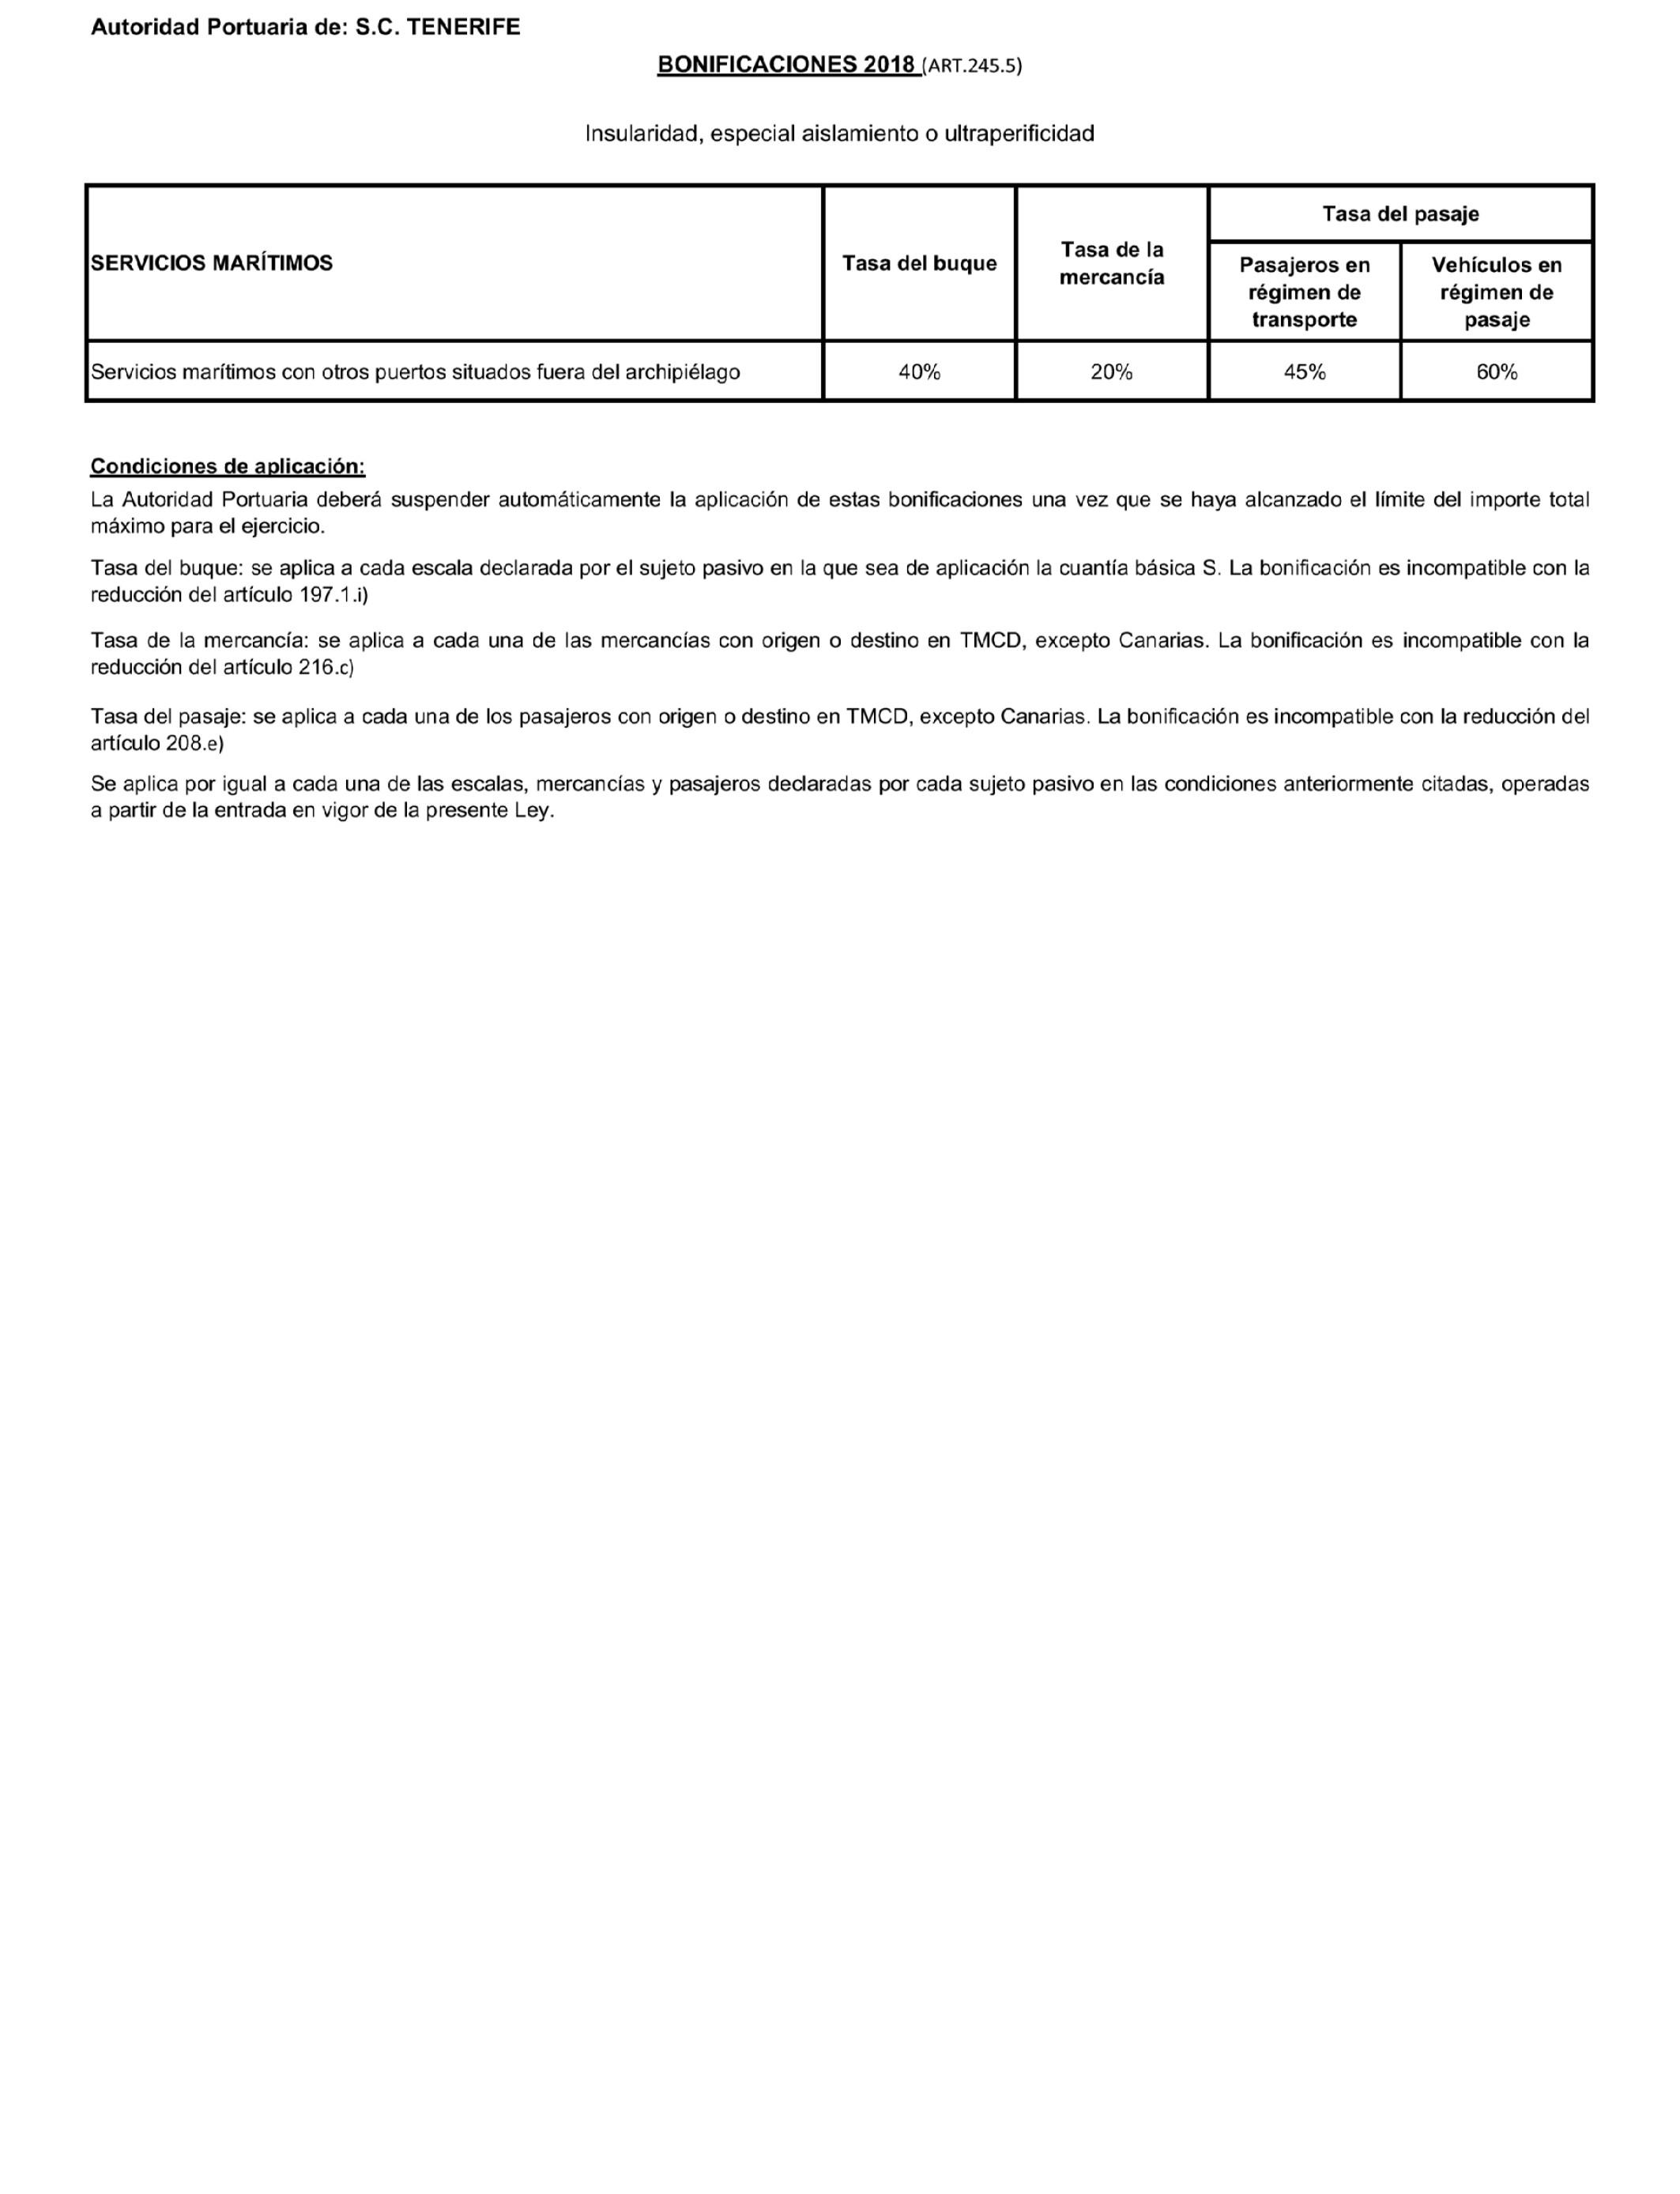 Calendario Escolar 2019 Almeria Actual Boe Documento Consolidado Boe A 2018 9268